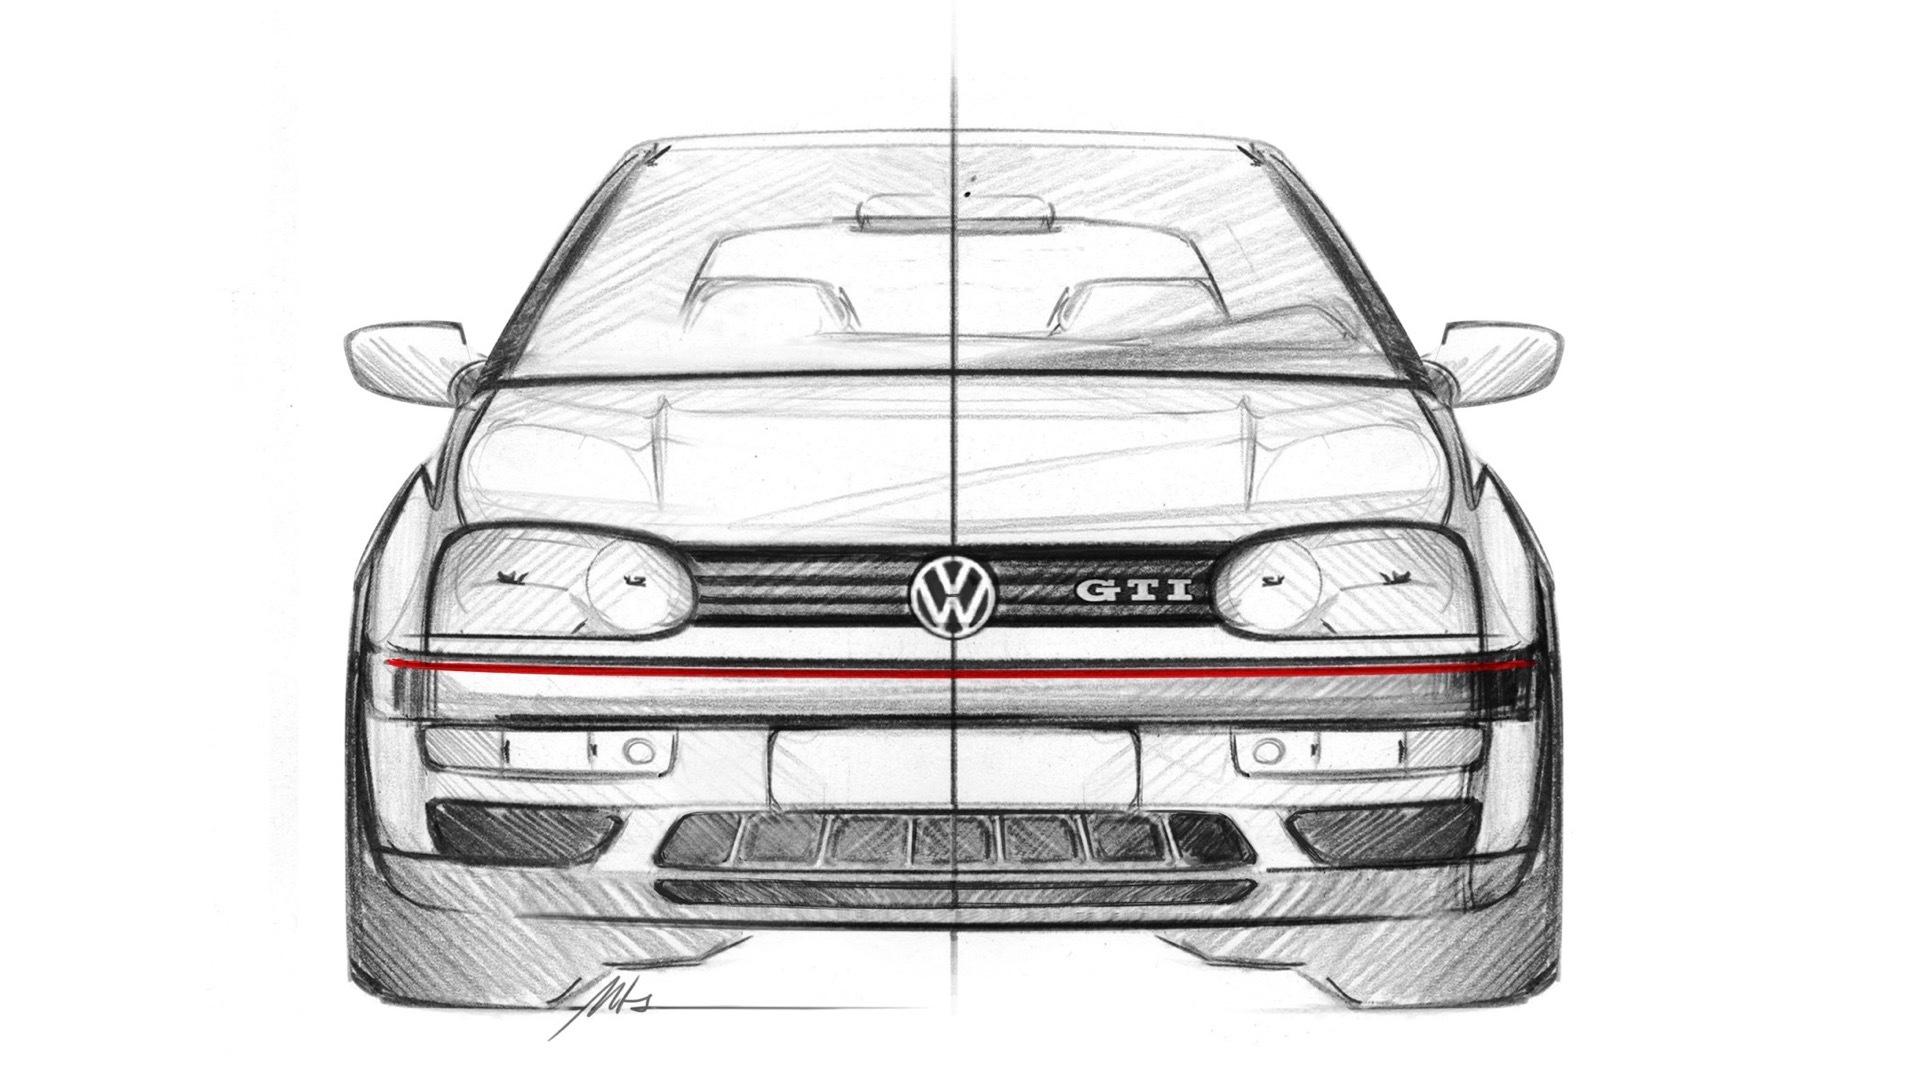 Volkswagen GTI Mk III